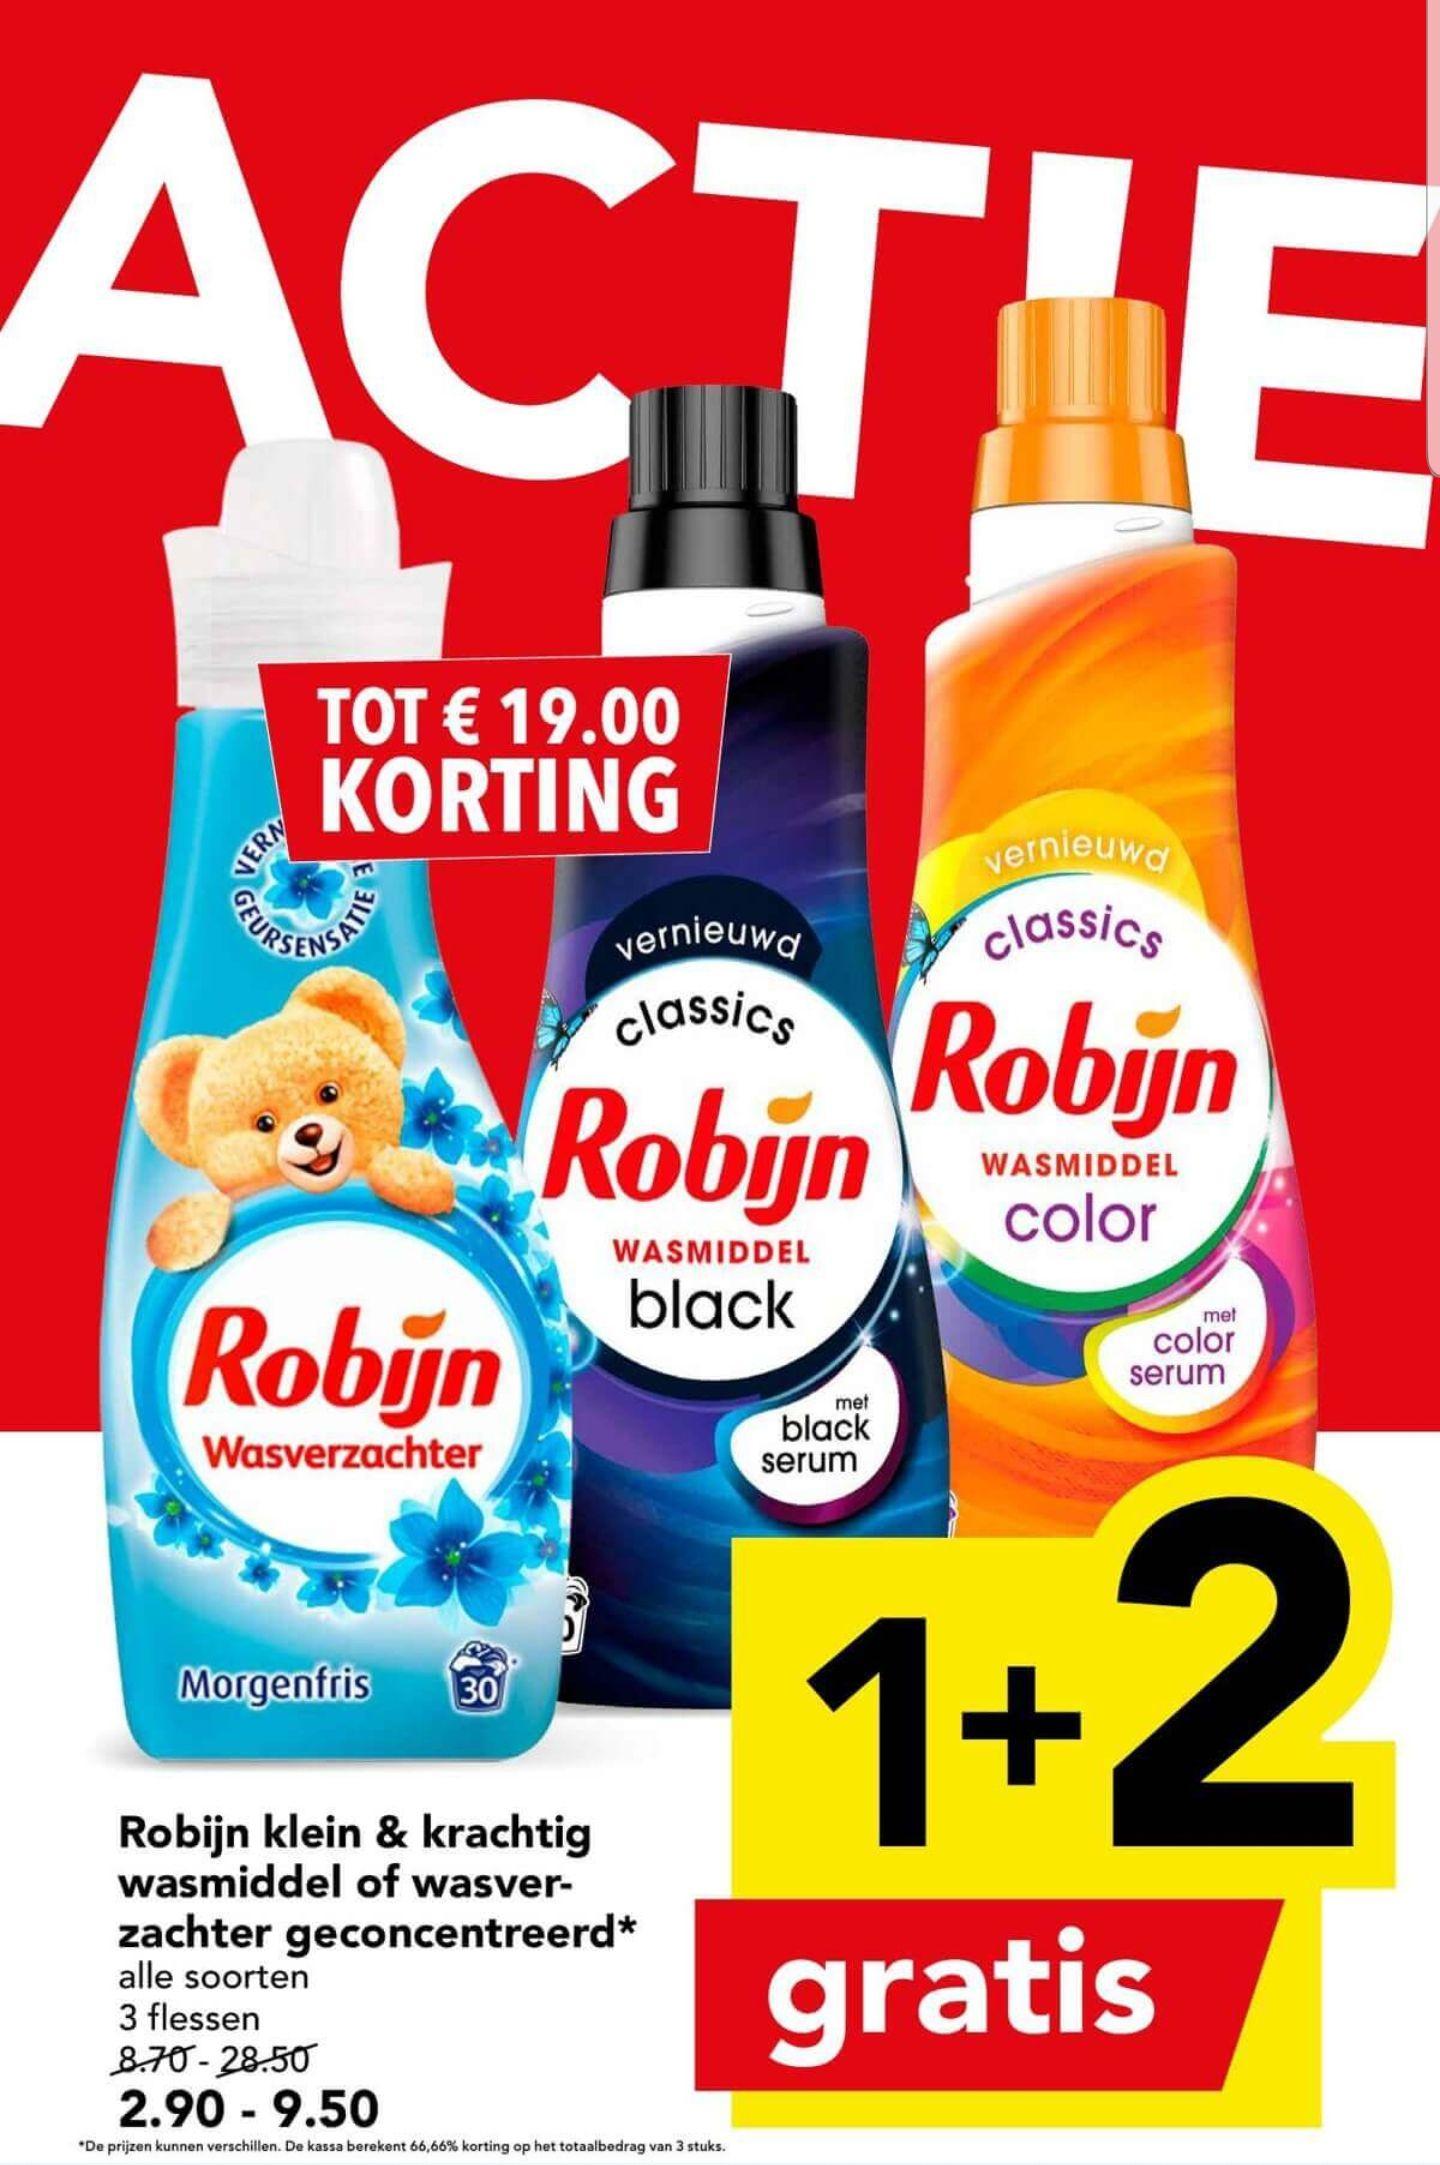 Robijn klein en krachtig wasmiddel of wasverzachter geconcentreerd 1+2 gratis bij Deen